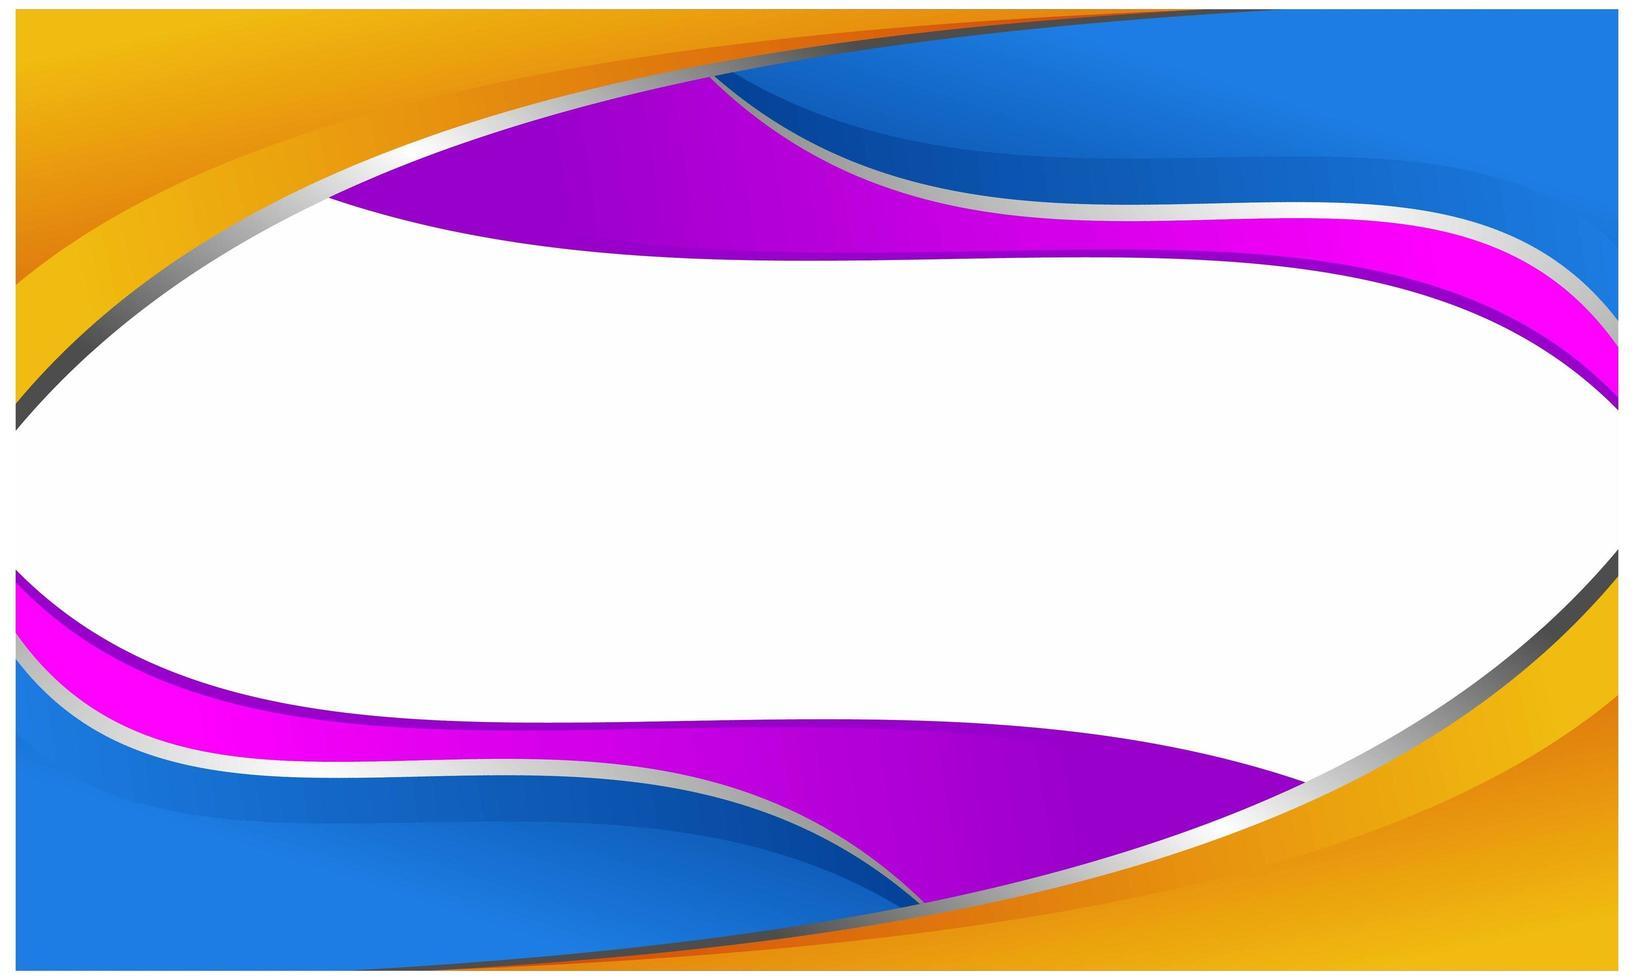 abstrakt bakgrundskoncept. färgglada flöde bakgrund vektor